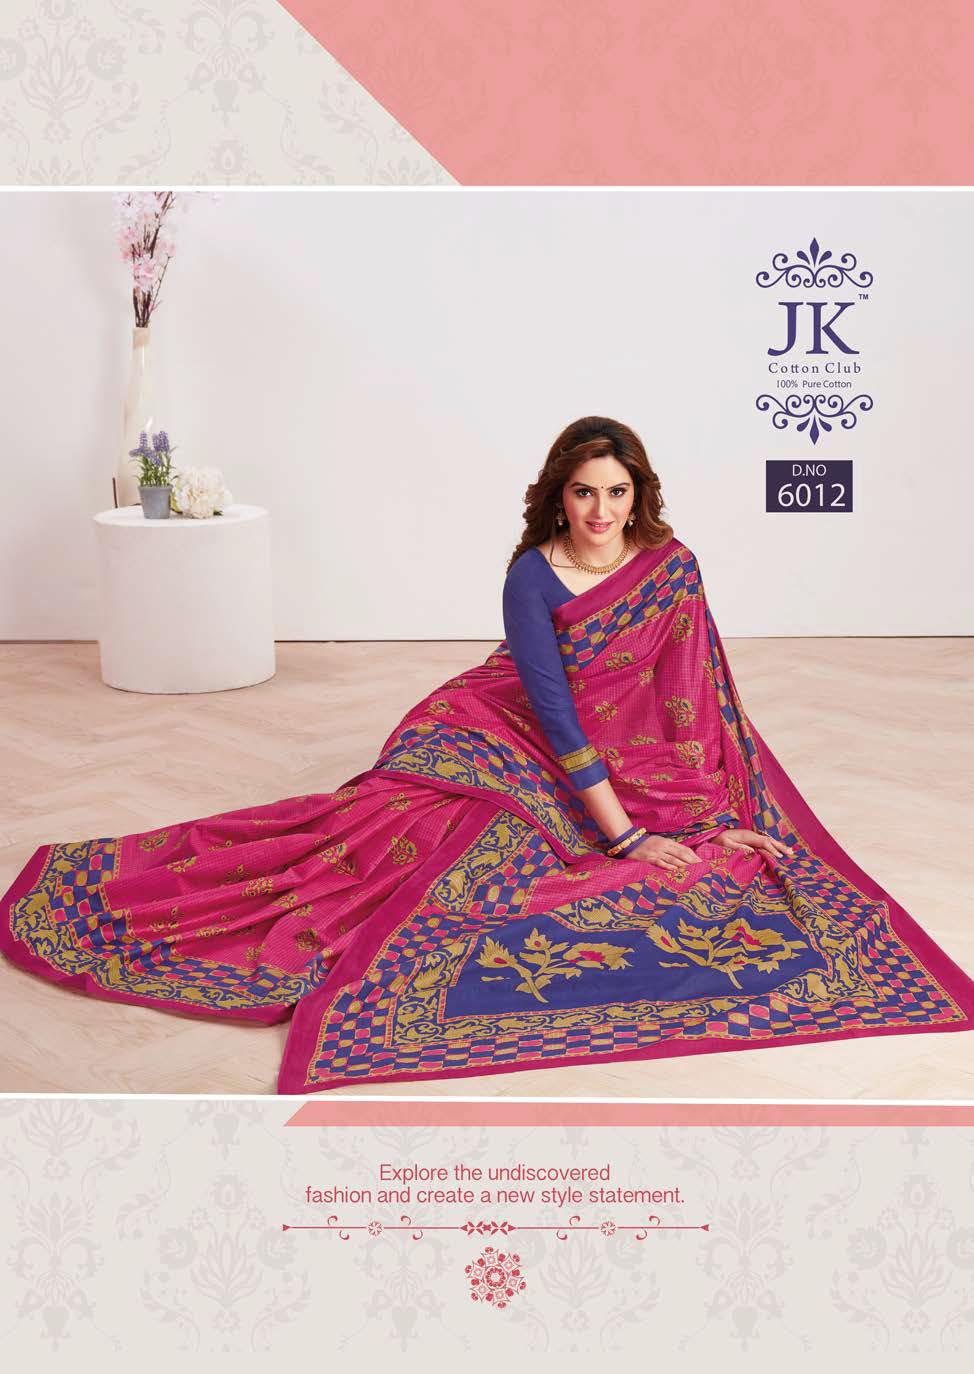 JK Tulsi Vol 6 B Saree Sari Wholesale Catalog 10 Pcs 9 - JK Tulsi Vol 6 B Saree Sari Wholesale Catalog 10 Pcs